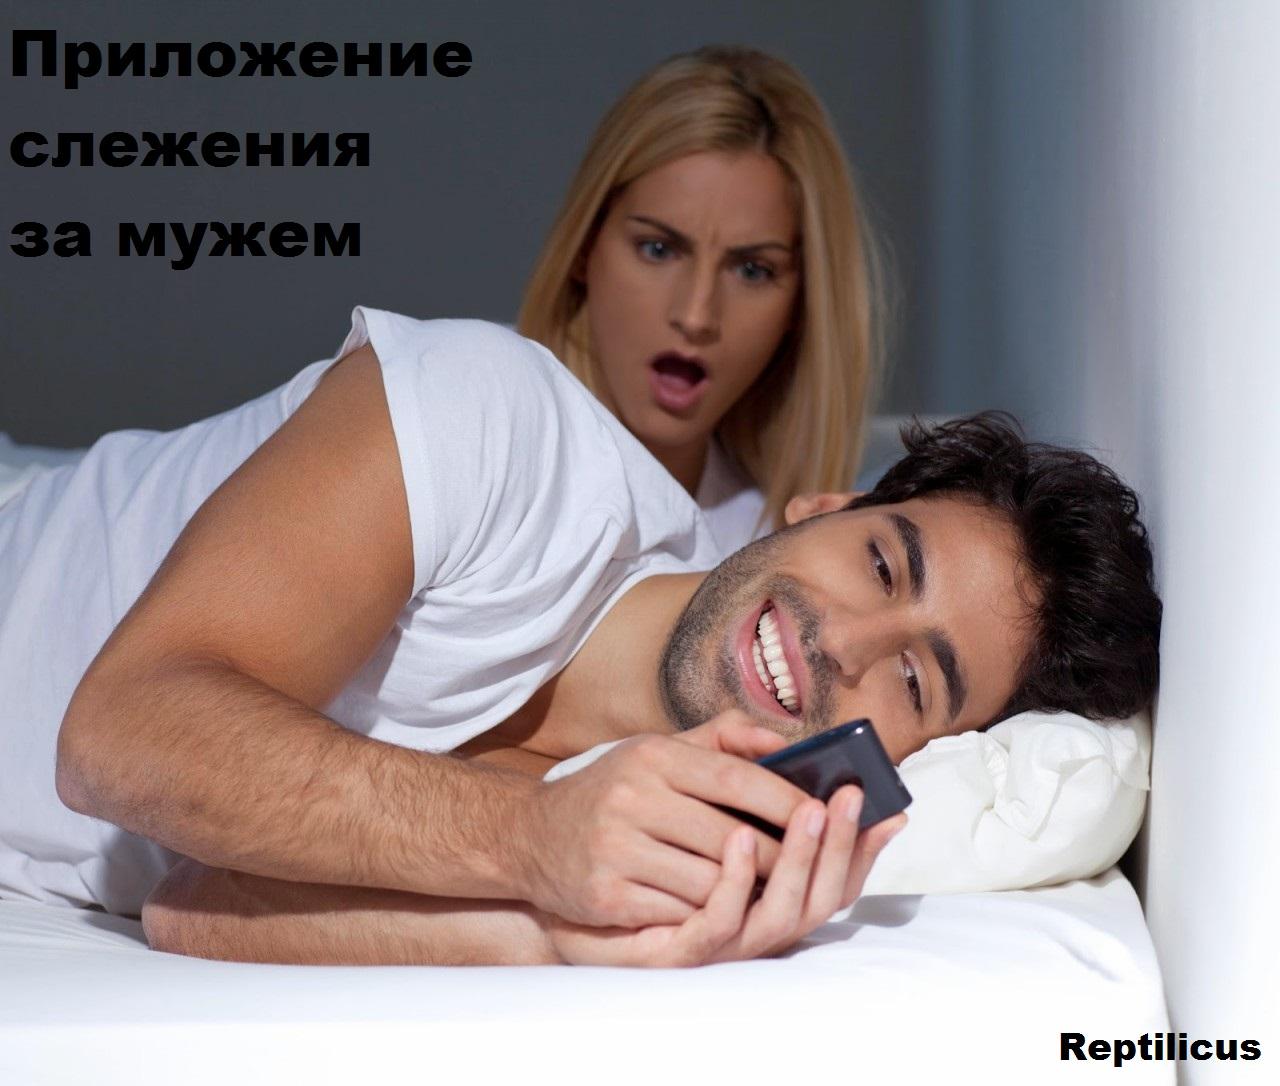 Приложение слежения за мужем